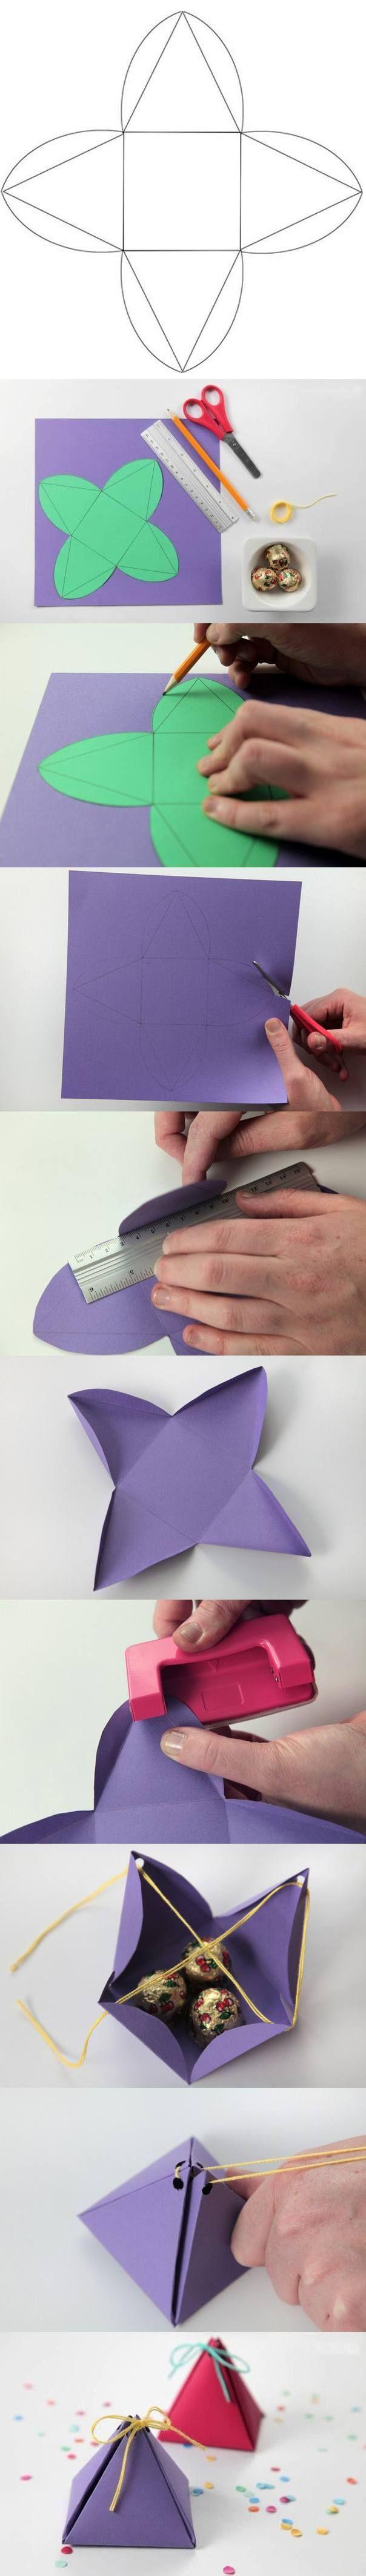 DIY Pyramid Gift Box - ideasdecor.com - Cajitas con forma de pirámide para regalos